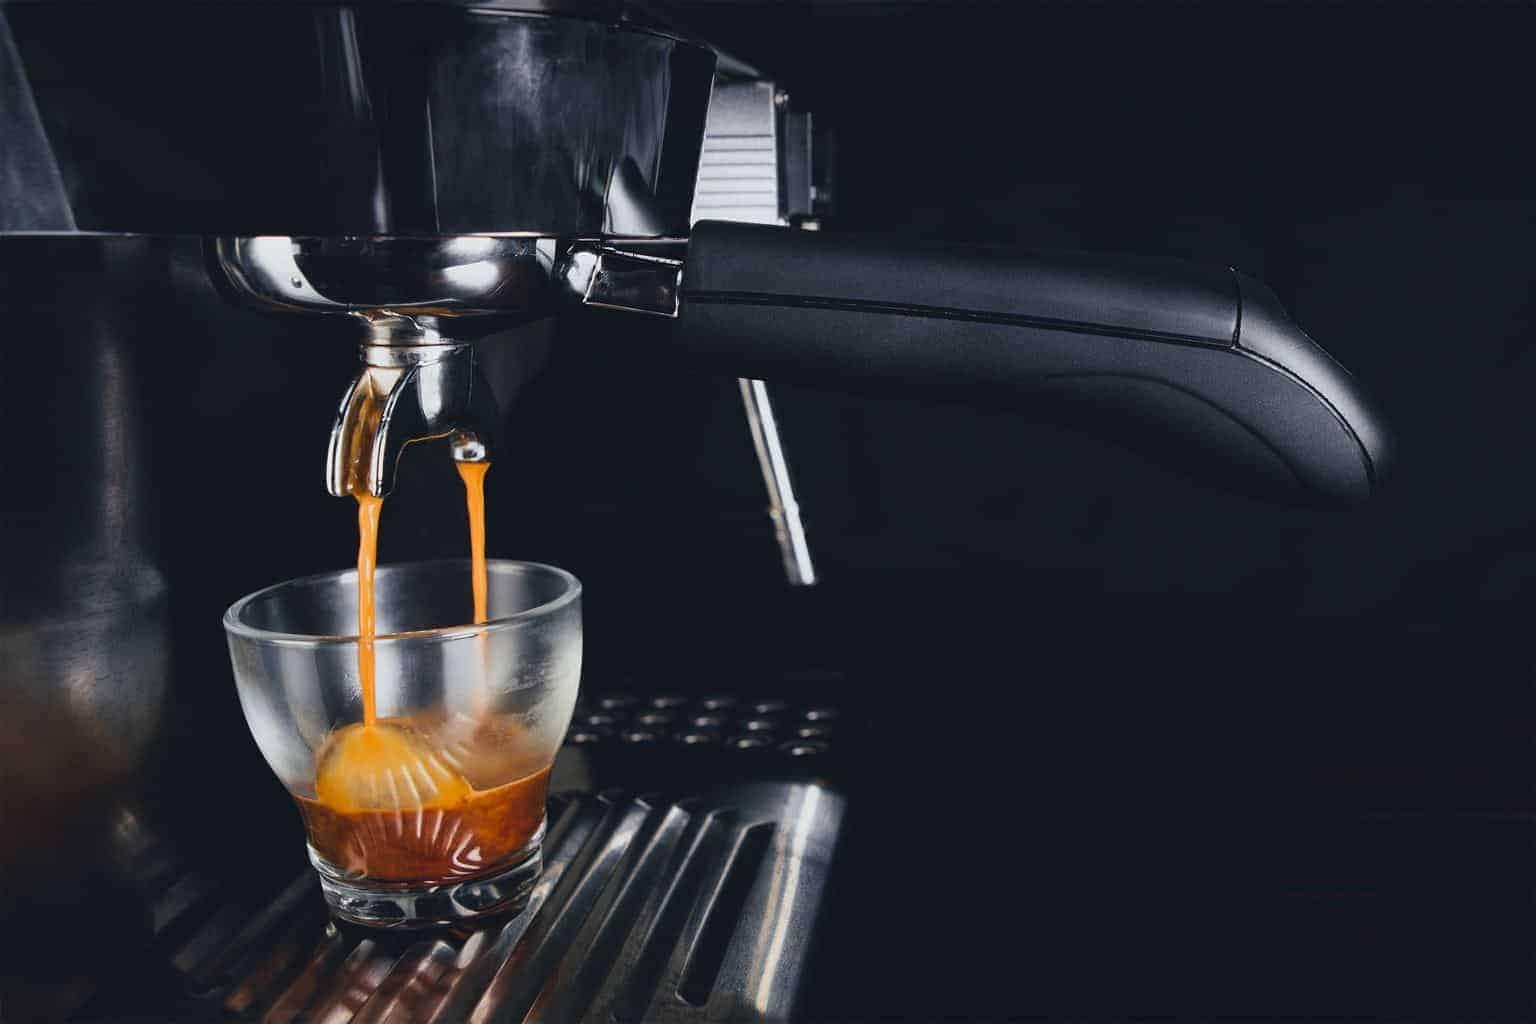 Reseñas y recomendaciones de la máquina de café espresso Breville 2020